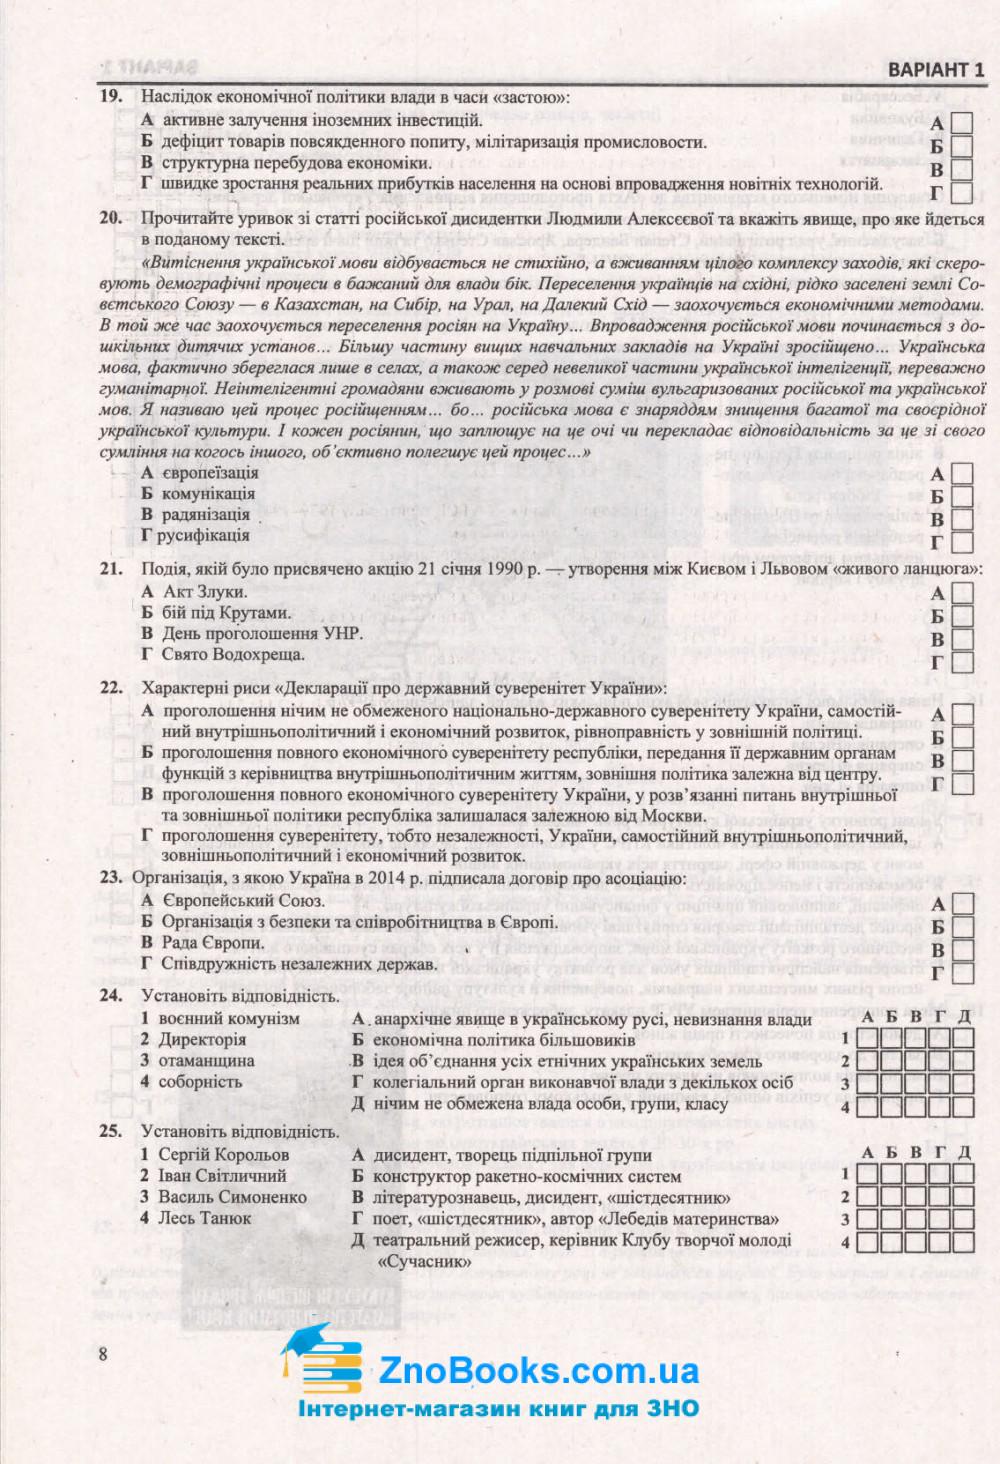 ЗНО 2022 Історія України. Тренажер : Панчук І. Підручники і посібники. купити  8